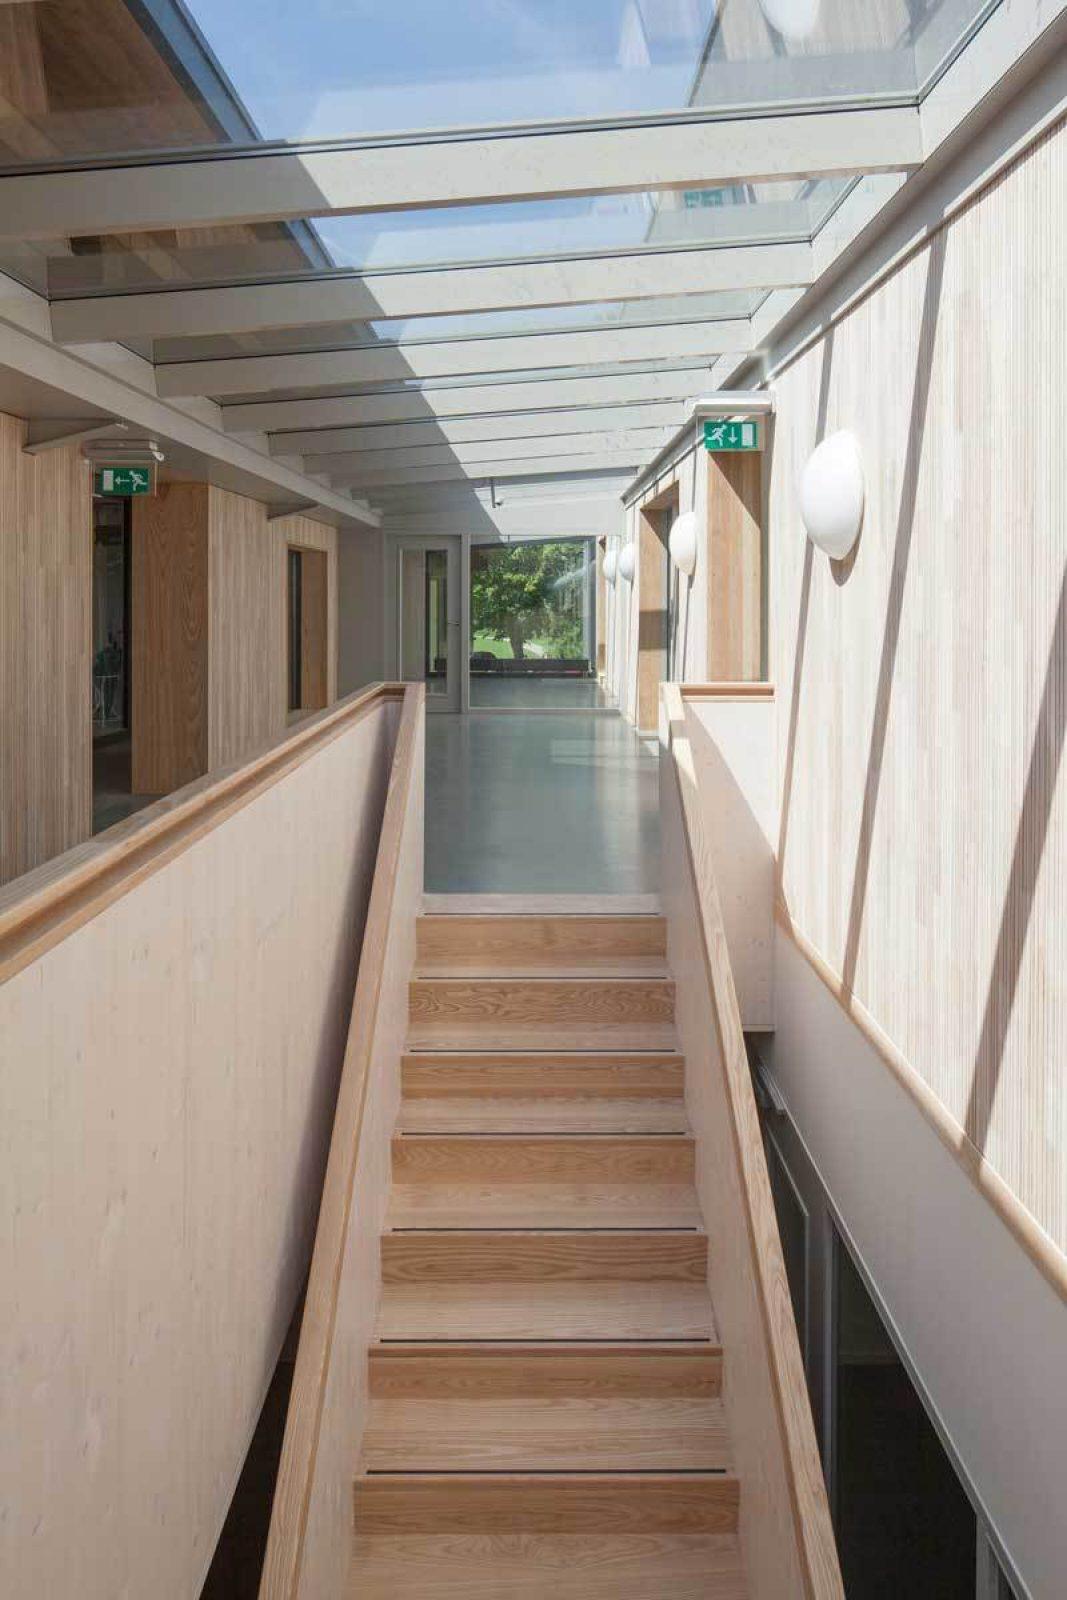 Roigenbouw Stair Corridor